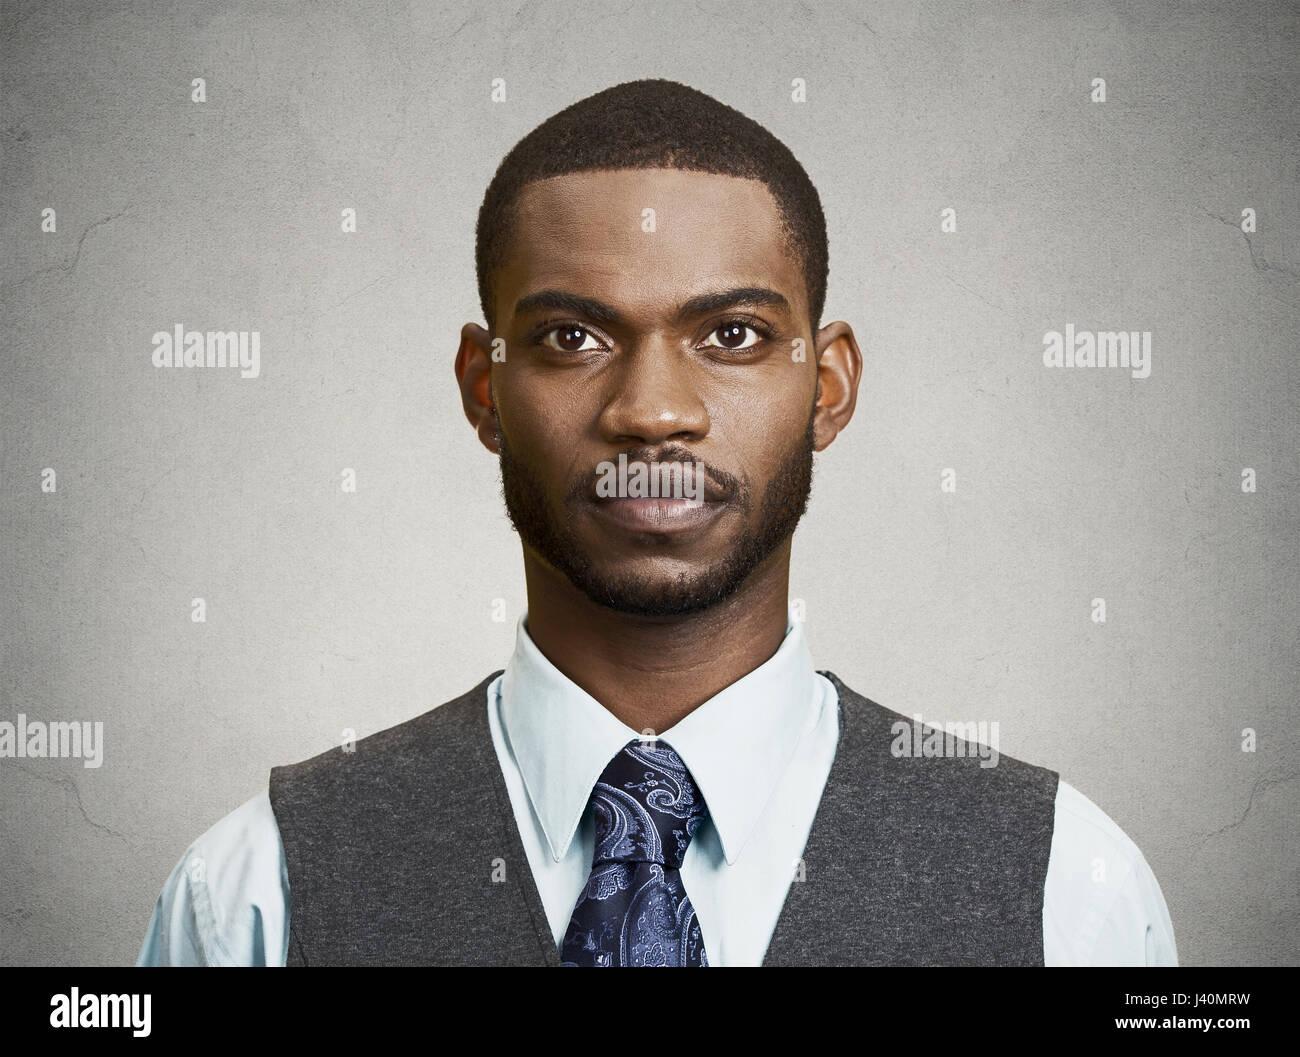 Closeup retrato, headshot, feliz, joven y apuesto hombre de negocios serio, seguro estudiantil, agente inmobiliario, Imagen De Stock